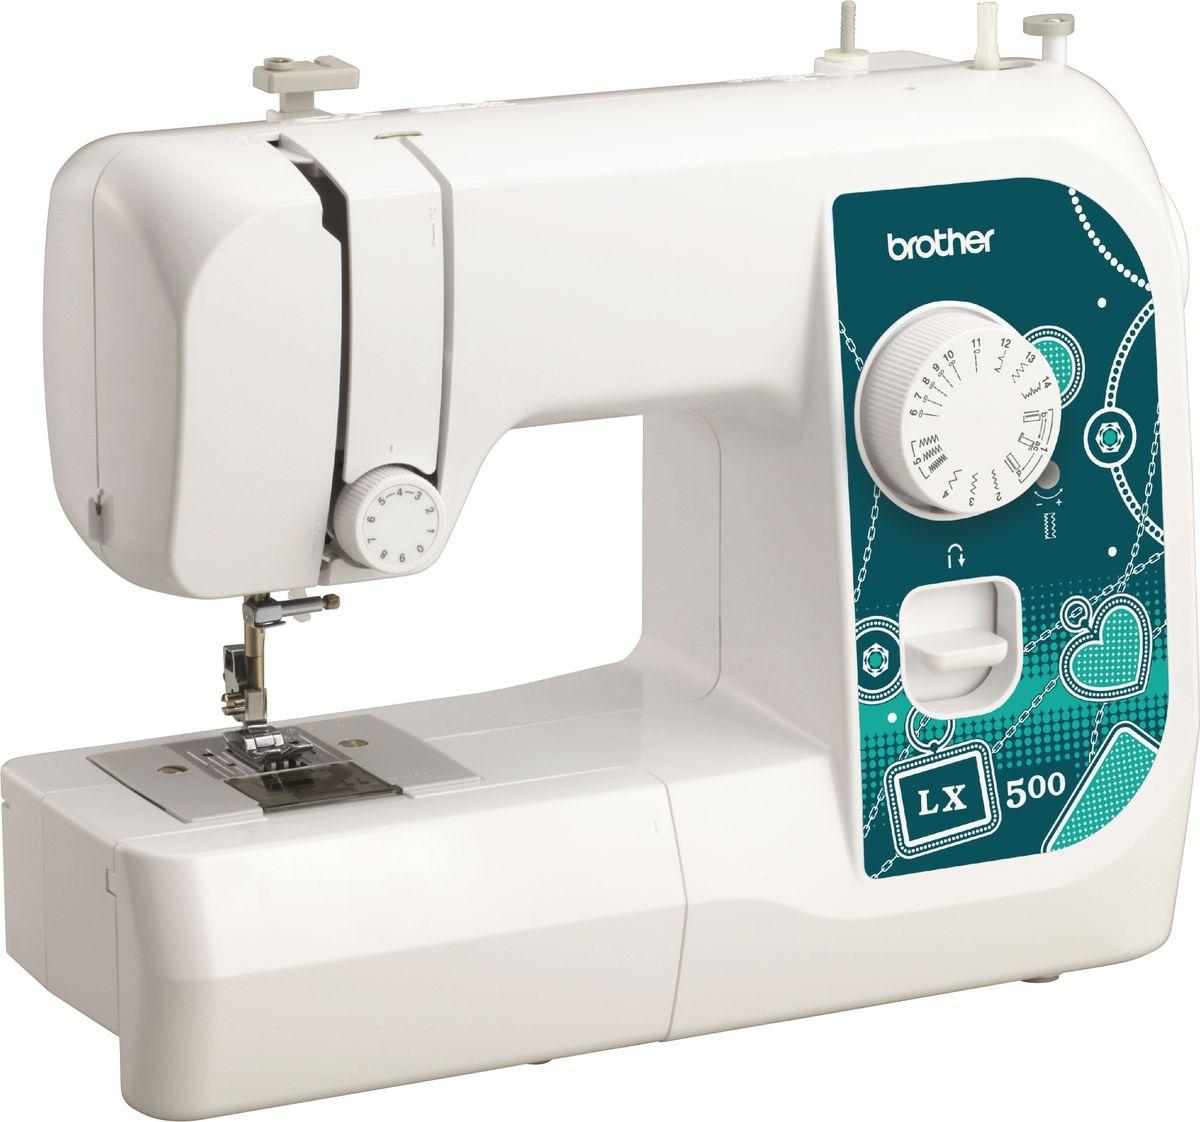 Brother LX500 швейная машинаLX500Машина LX500 идеально подходит для выполнения основных швейных операций при изготовлении и ремонте одежды. Эта надежная машина имеет традиционный набор функций, который необходим для шитья.Особенности14 строчекГоризонтальный челнокОбметывание петель в 4 приемаАвтоматическая намотка шпулькиДва направления шитья (вперед и назад) LED освещениеСвободный рукав